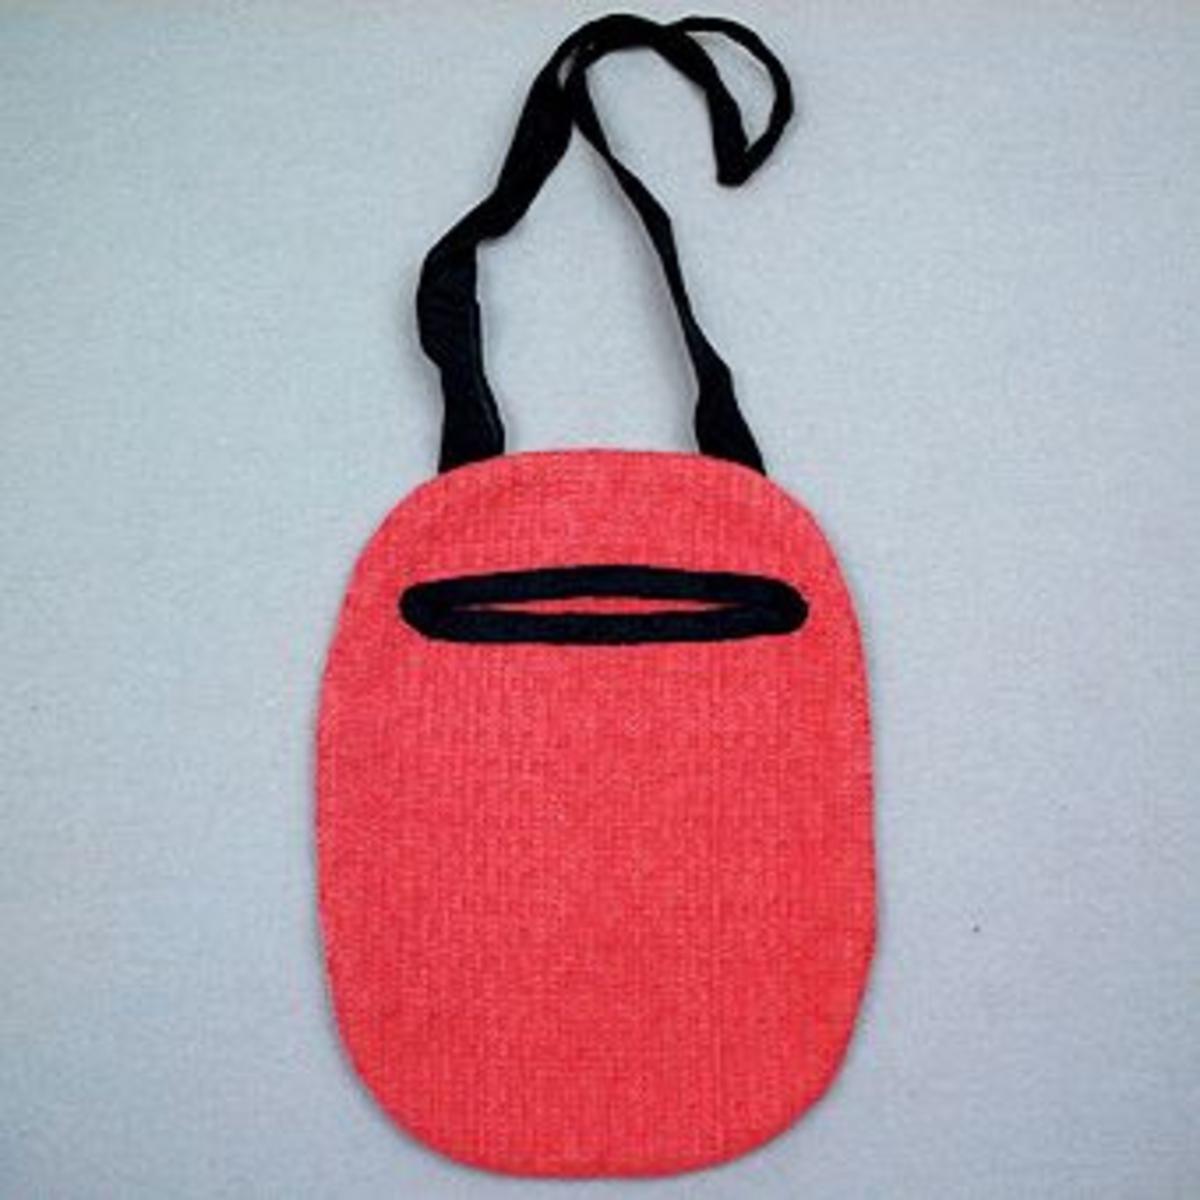 Kjolsäck till Sunnerbodräkt sydd i rosa daldrällstyg, sammat tyg har använts till  Sunnerbodräktens livstycken. Kjolsäckens öppning är kantad med svart ripsband, troligen av siden, som också använts till handtaget.